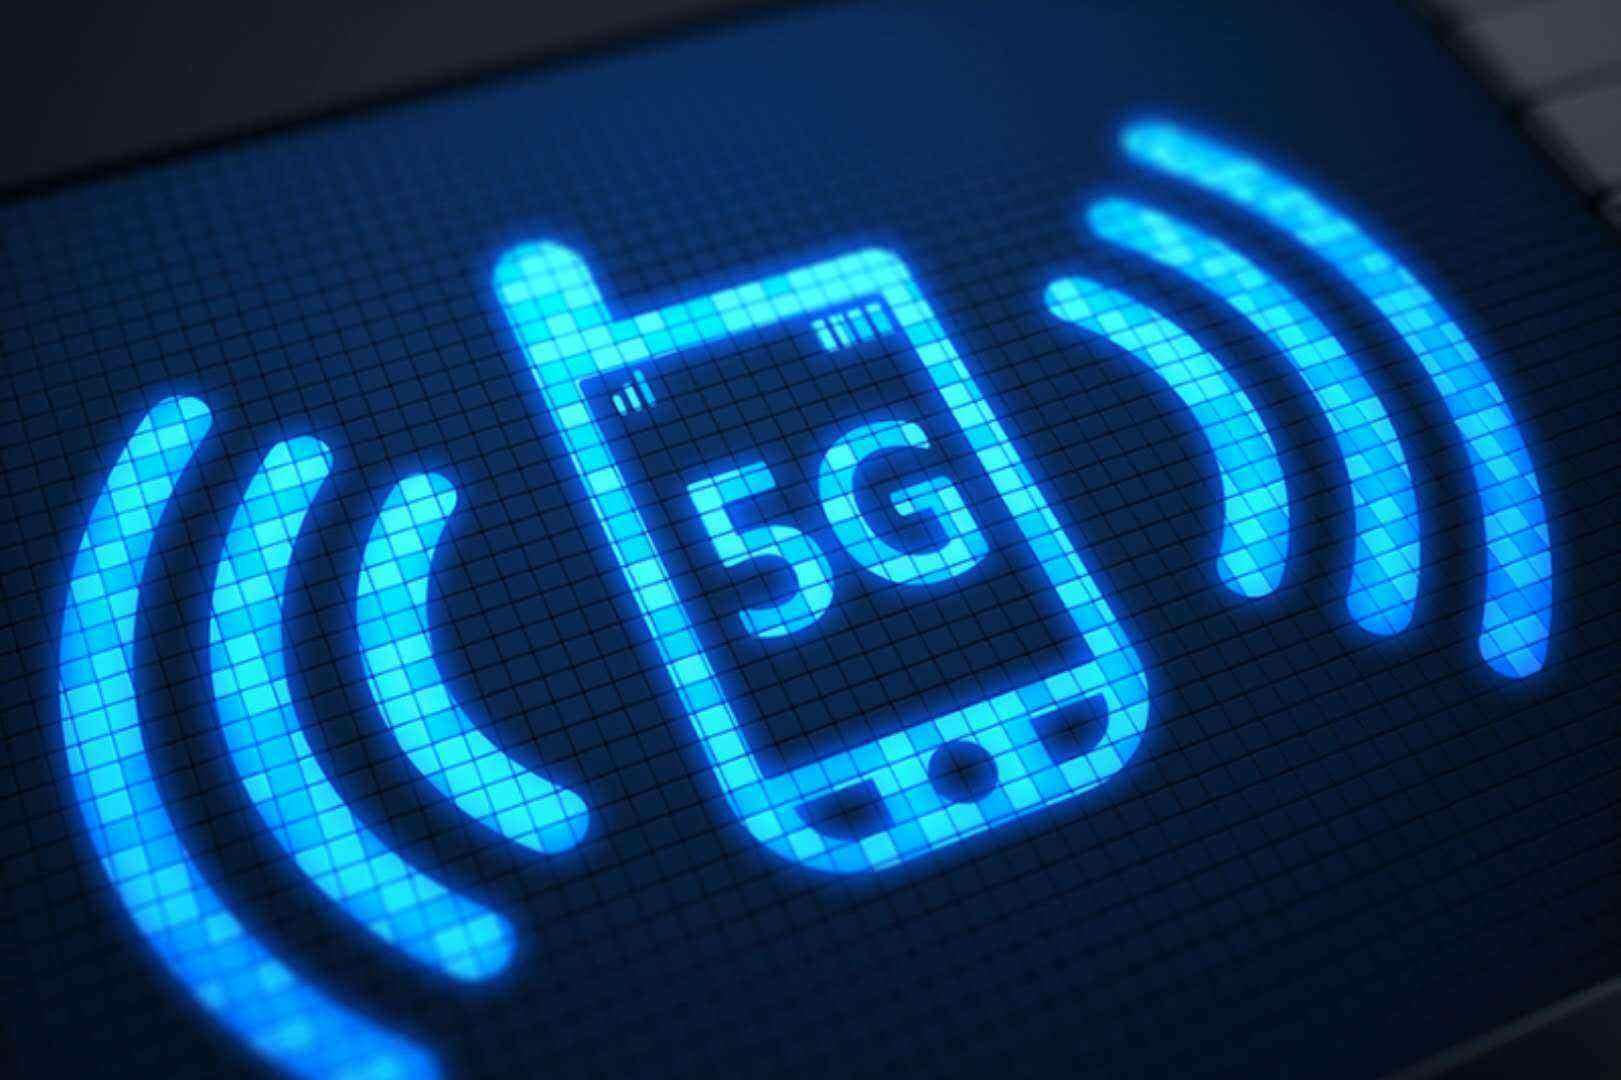 旗舰手机何时普及5G?高通:今年底